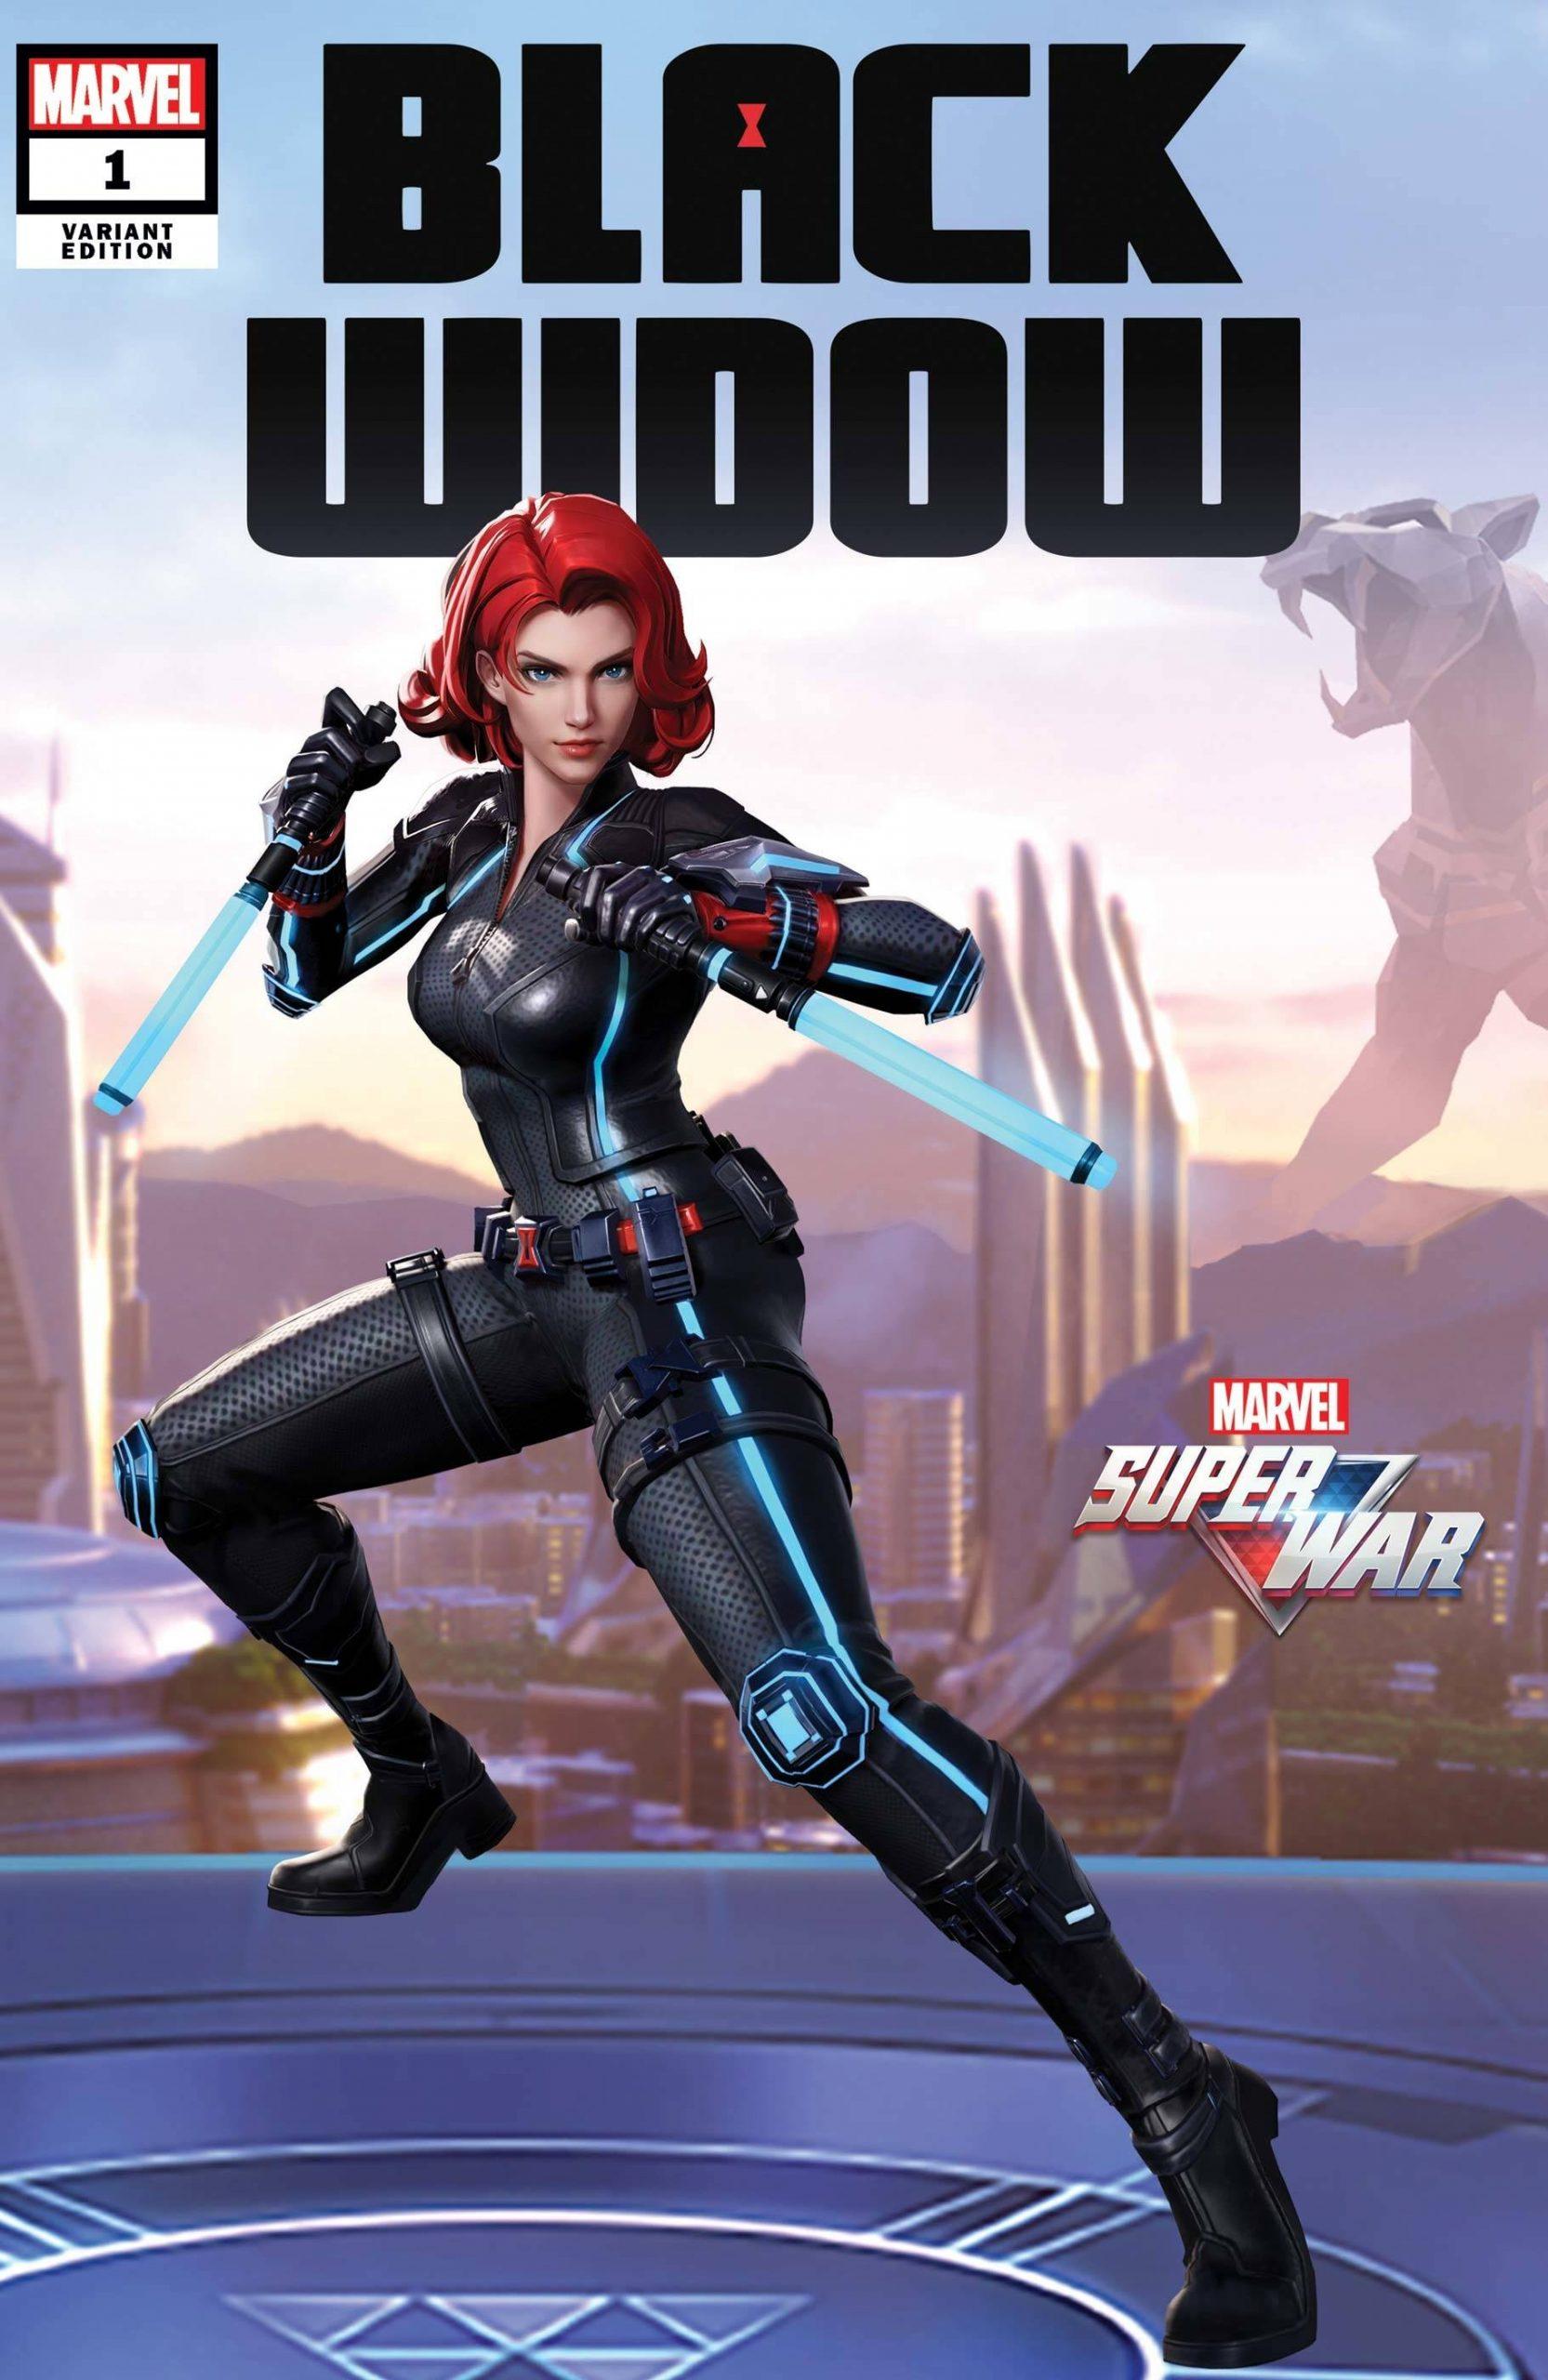 Black Widow Komik Karya Stan Lee Yang Merupakan Superhero Wanita